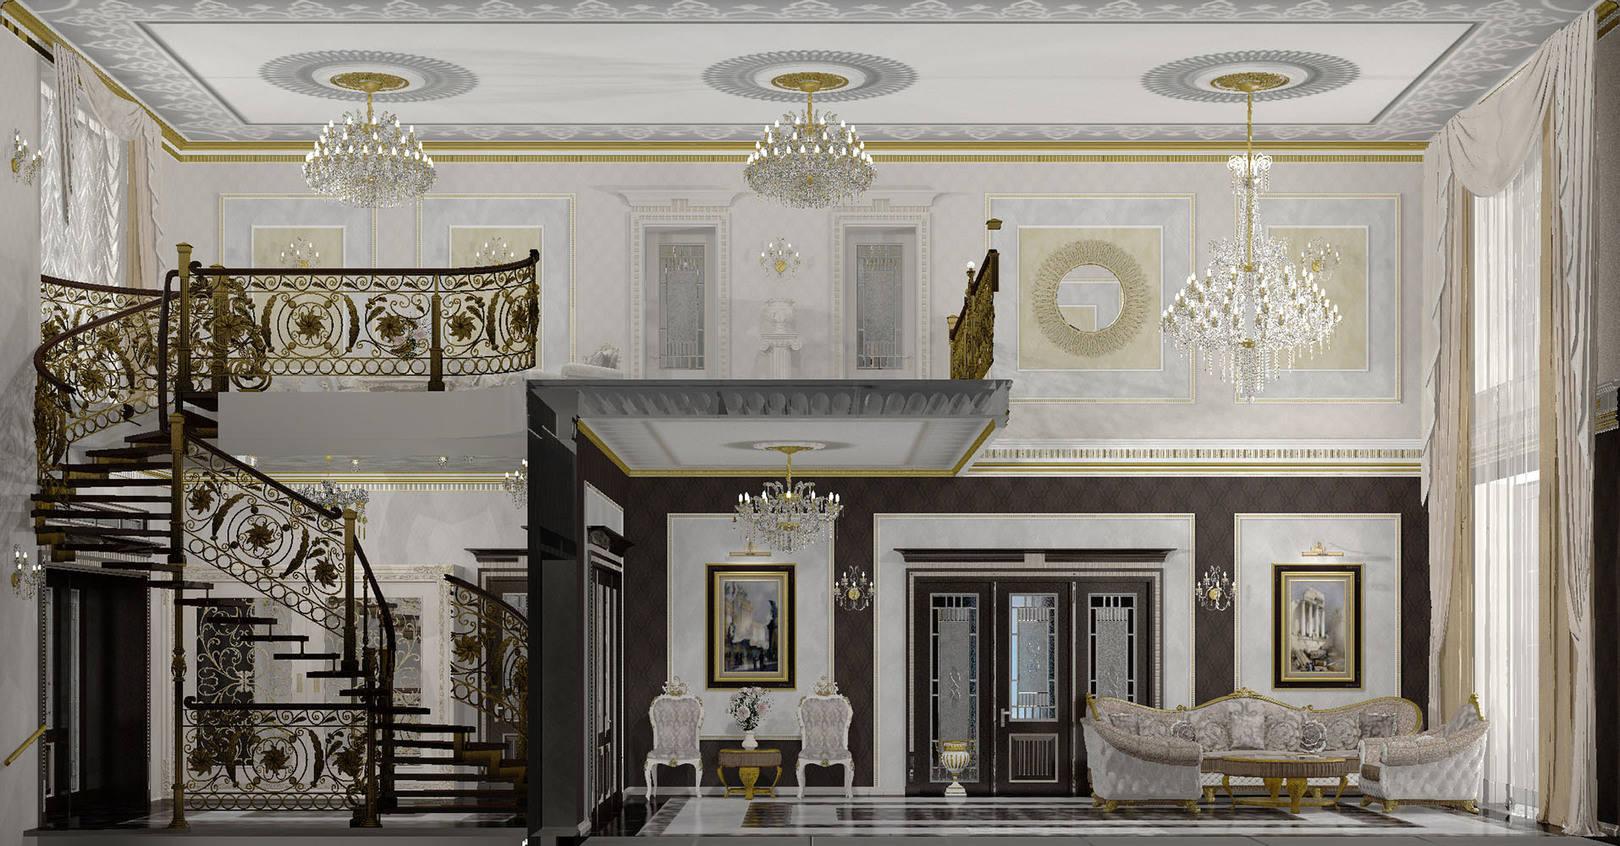 Гостиная, холл 2-го этажа и парадная с лестницей